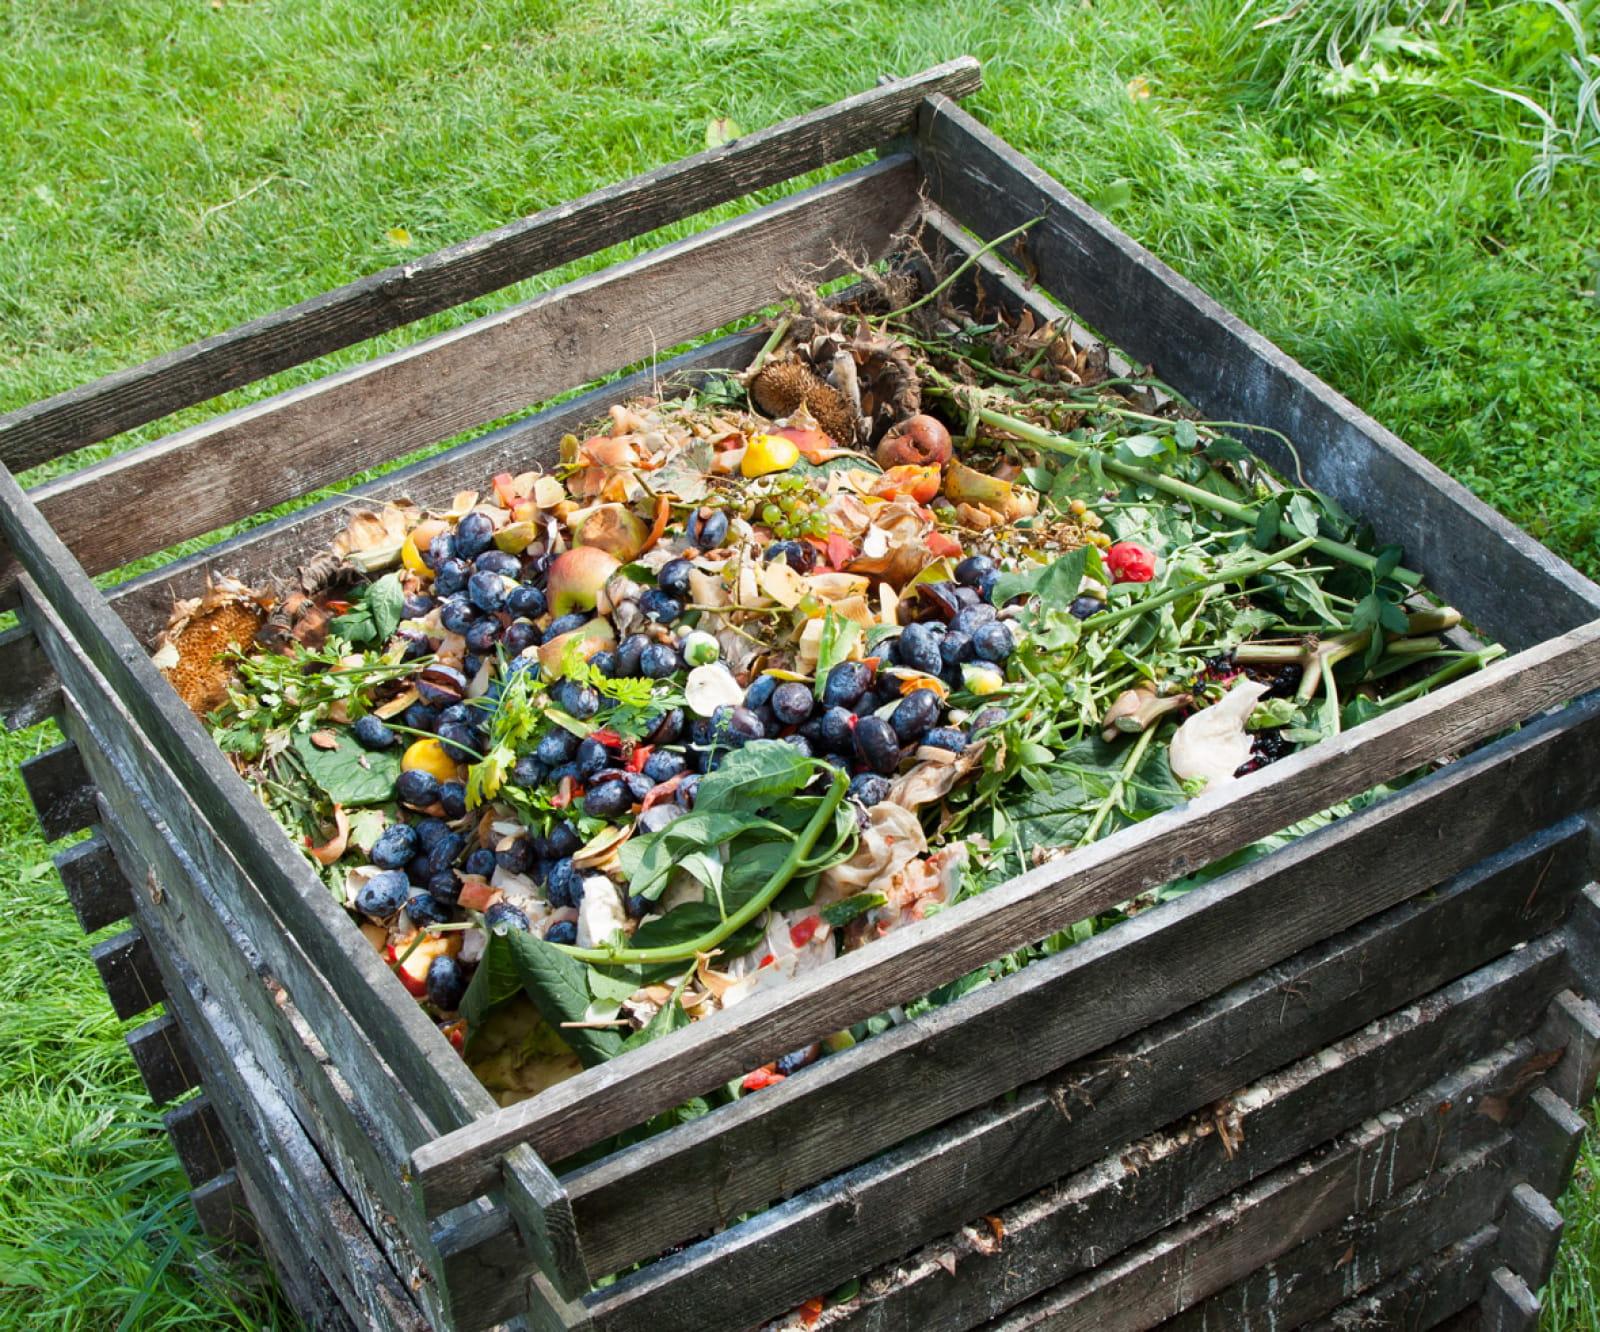 Cómo hacer compost en casa. La Guía completa de Compostaje en Huerto